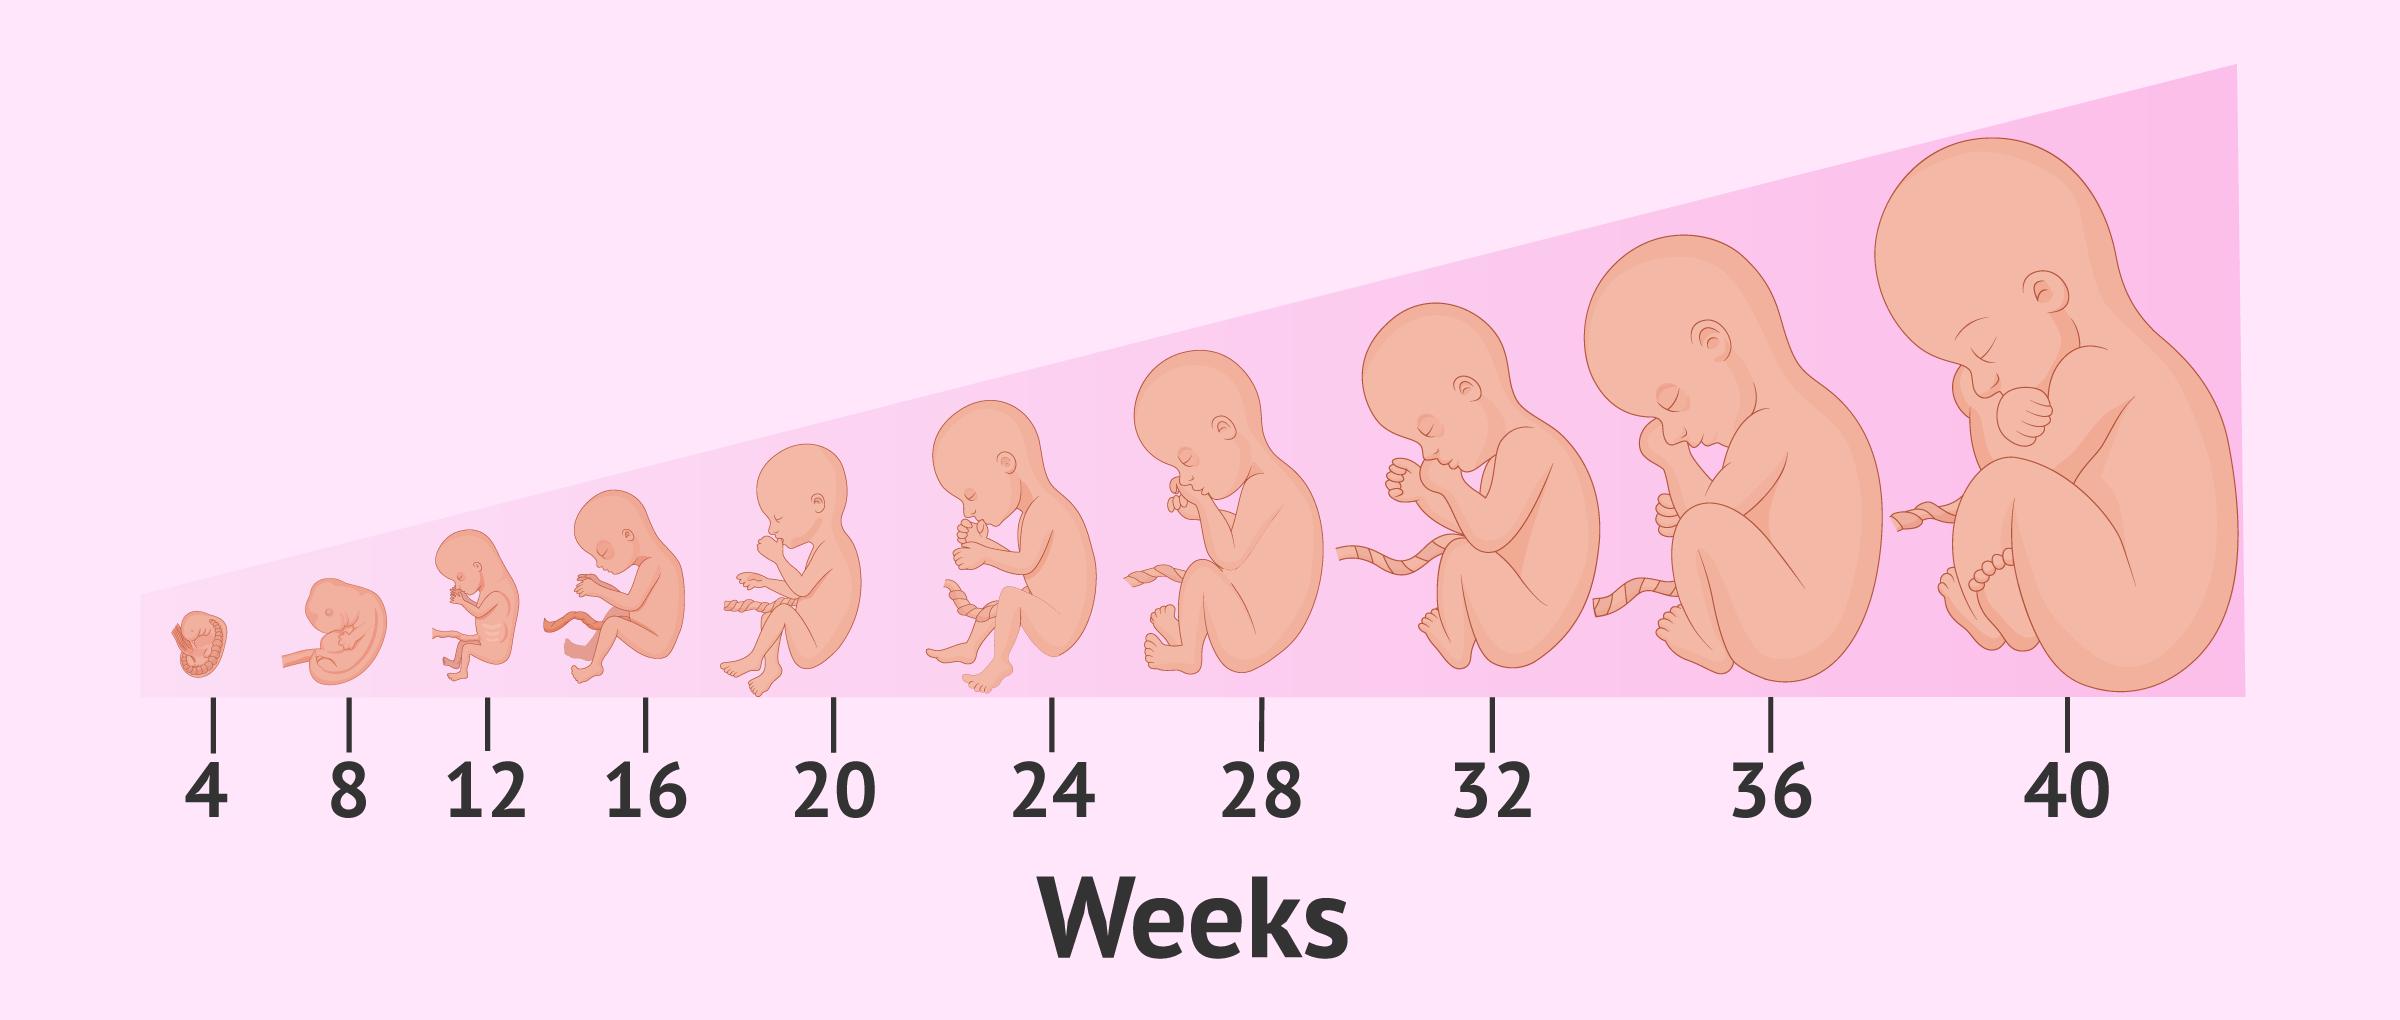 Pregnancy – Symptoms, Care & Fetal Development